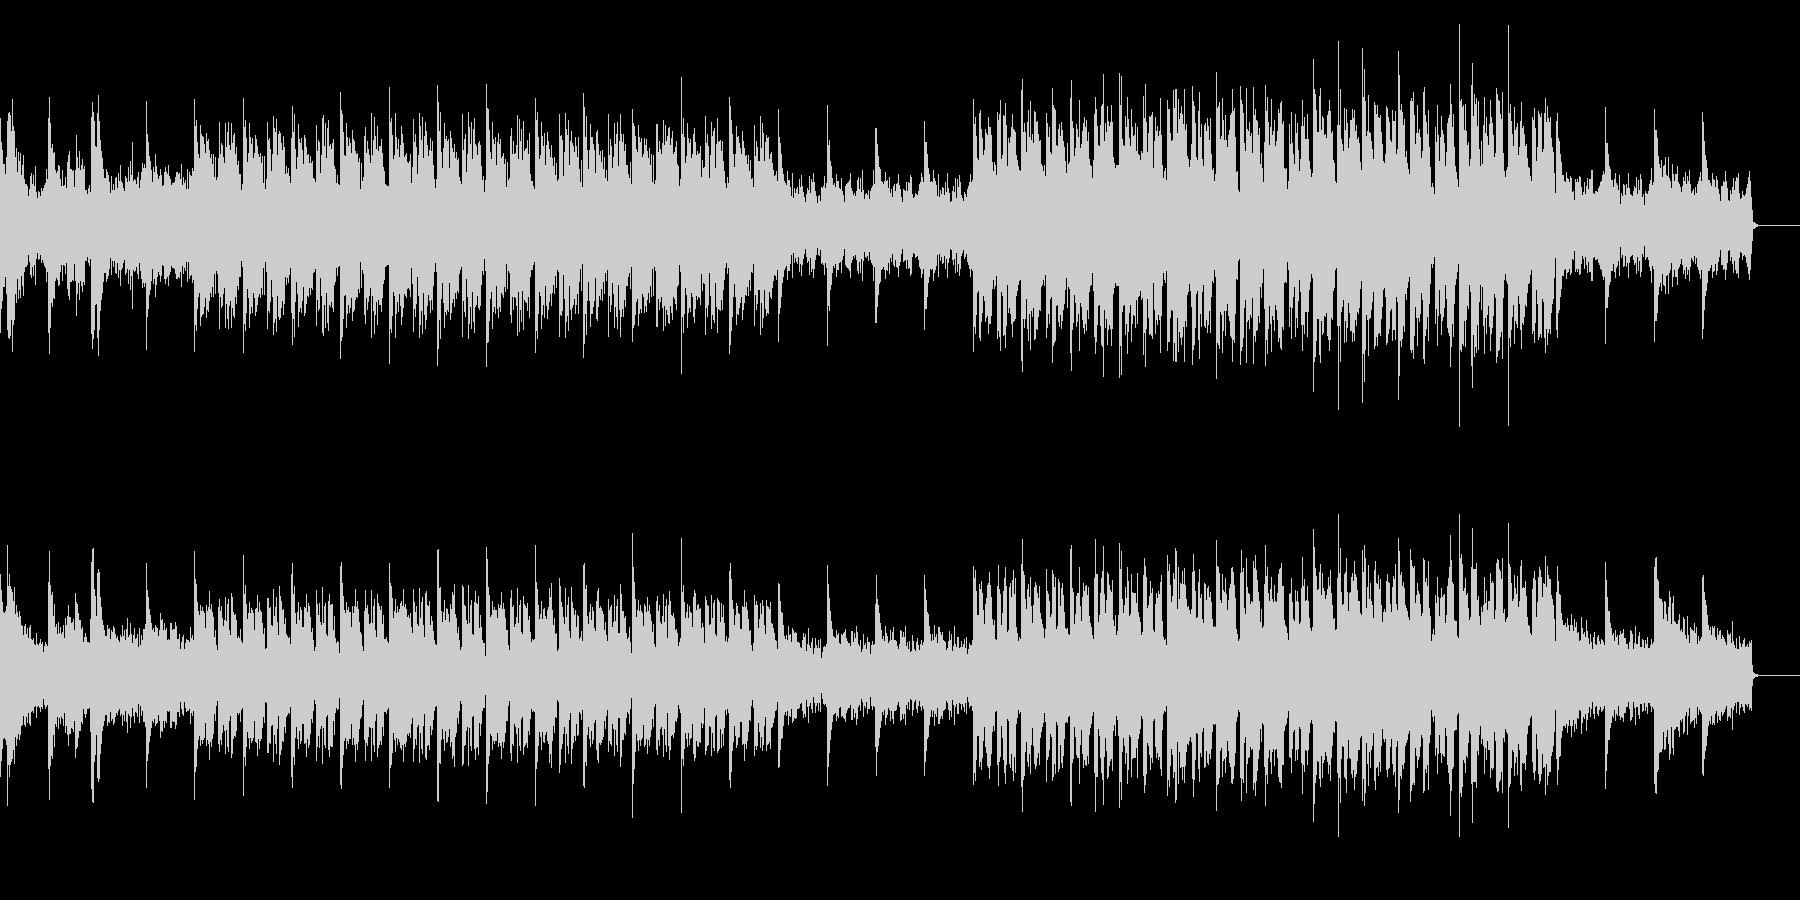 サイレントなホラー曲の未再生の波形